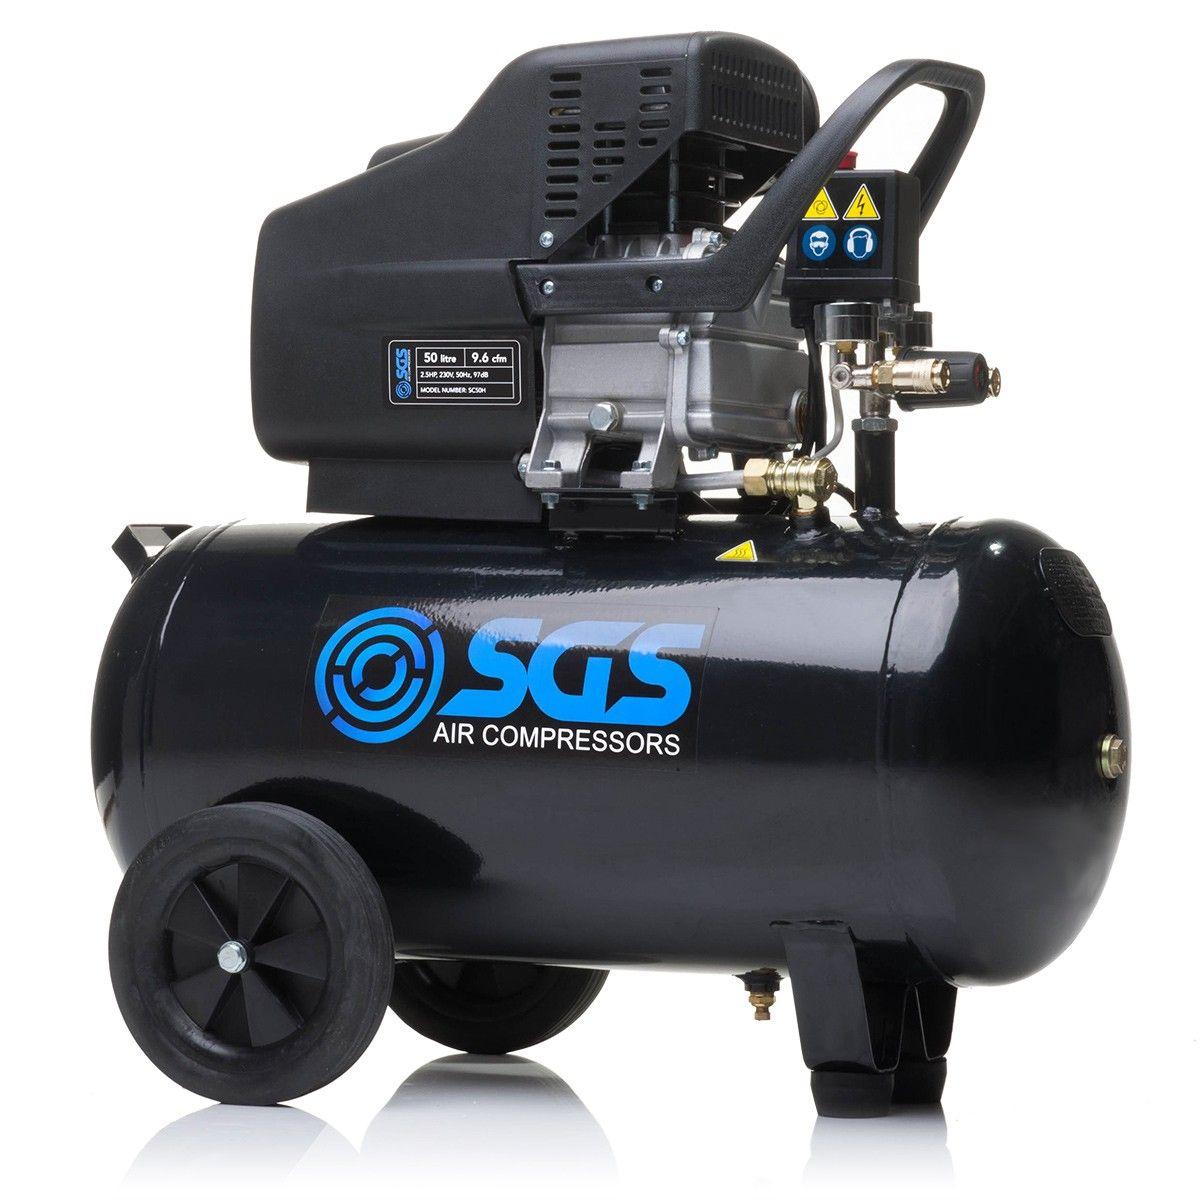 SGS 50 Litre Direct Drive Air Compressor 9.6CFM, 2.5HP